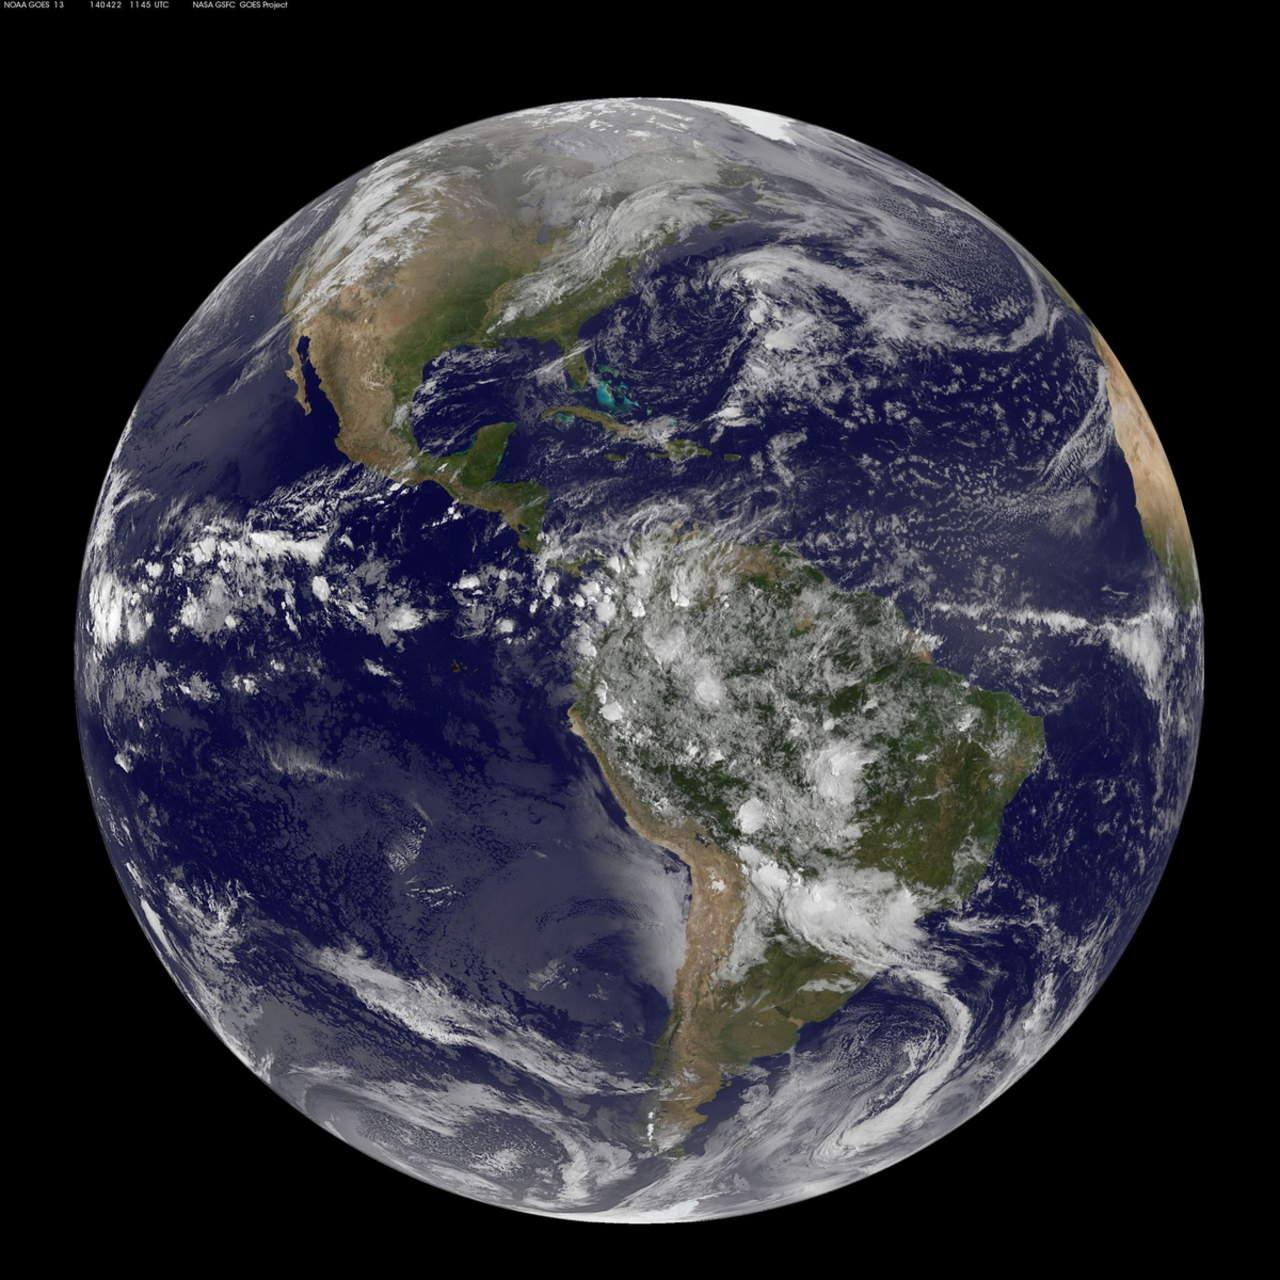 Logran primera comunicación cuántica entre satélite y la Tierra